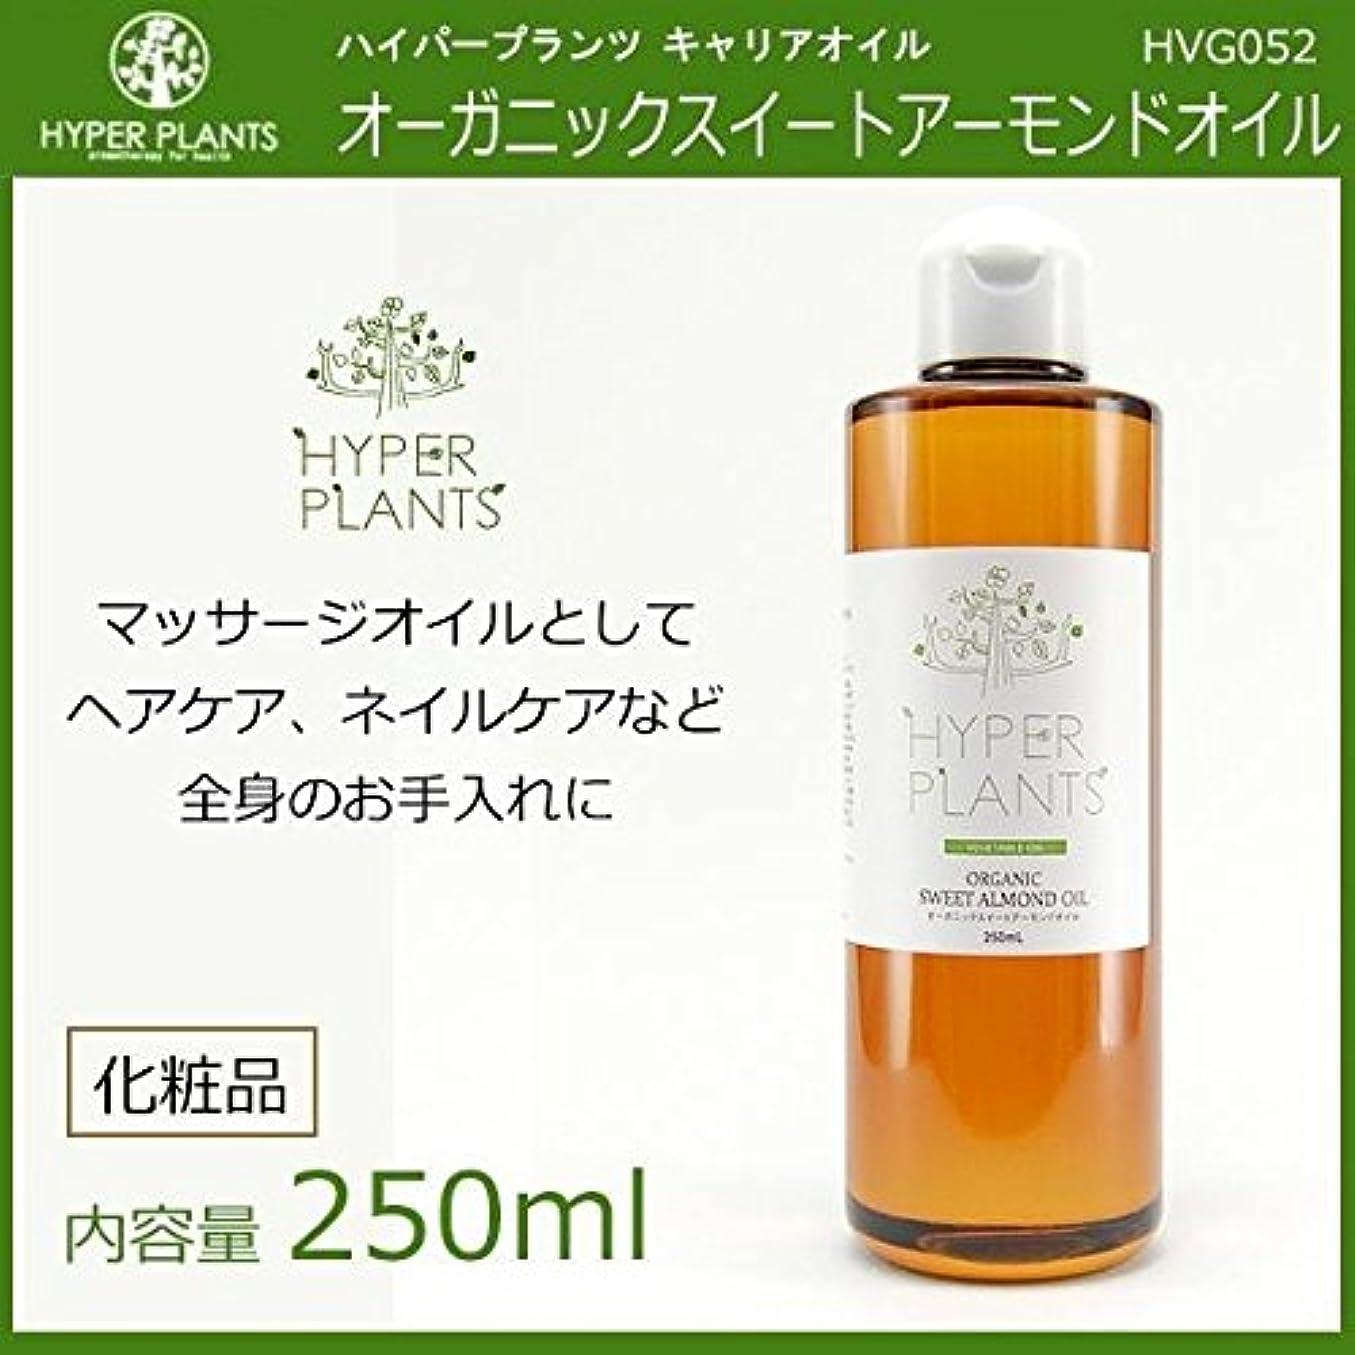 白内障せせらぎ革命HYPER PLANTS ハイパープランツ キャリアオイル オーガニックスイートアーモンドオイル 250ml HVG052